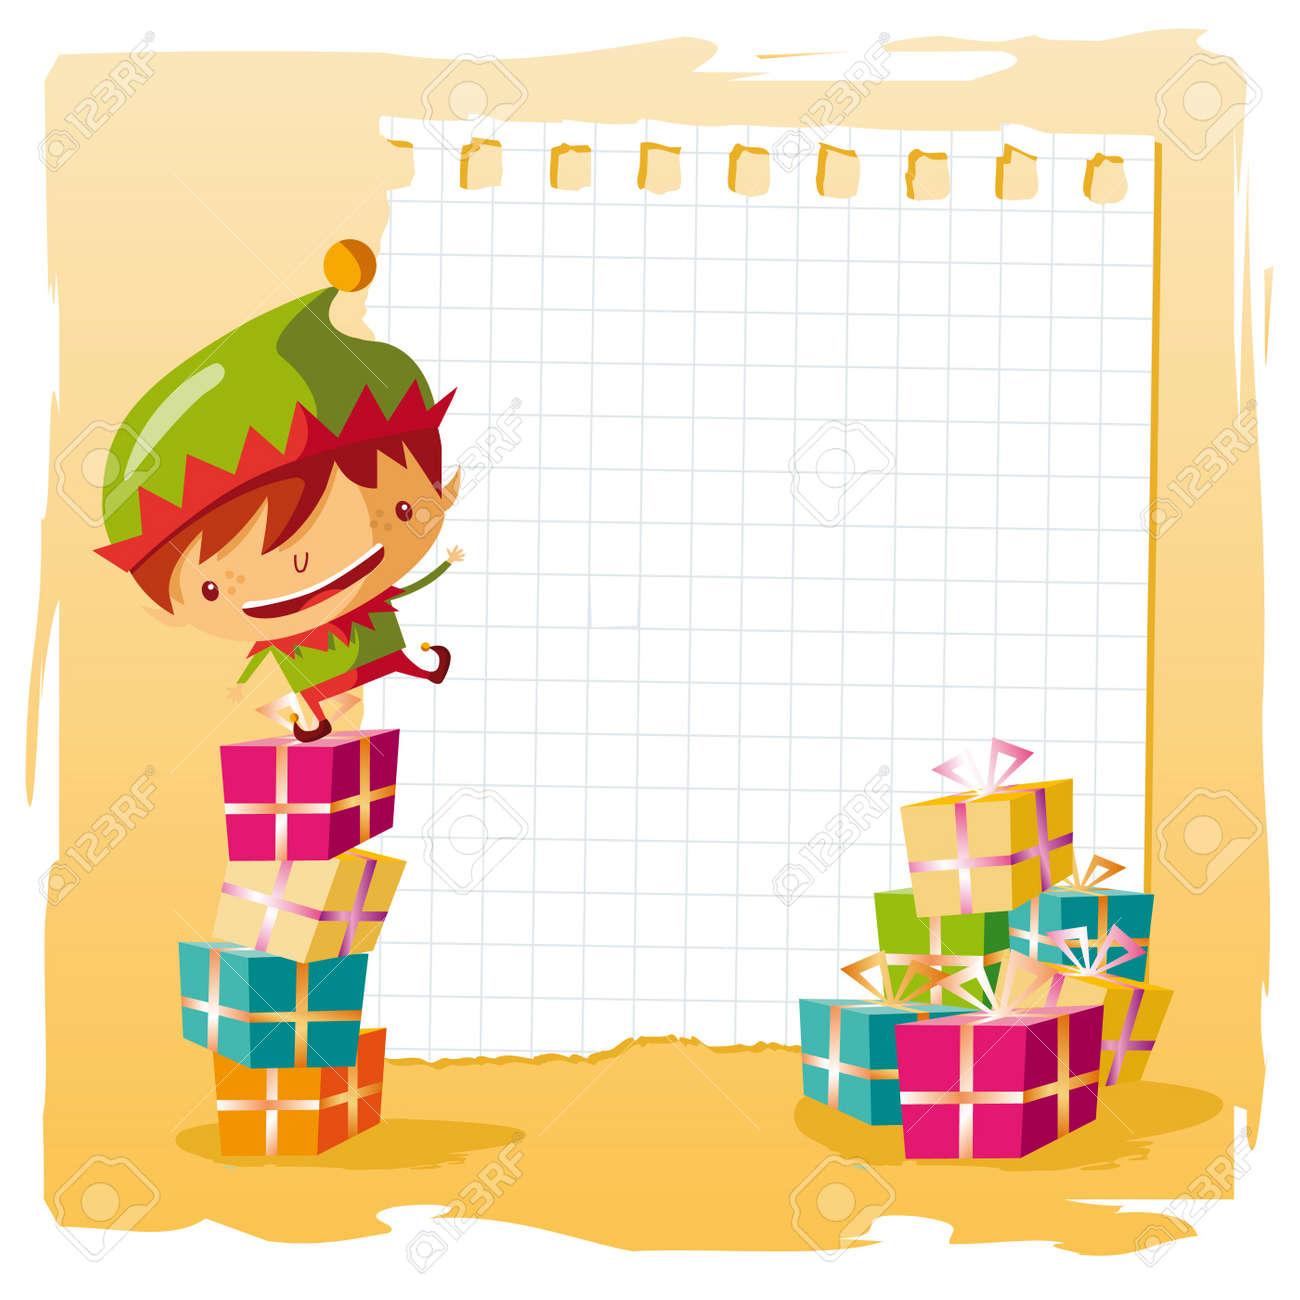 Free Christmas Wish List christmas elf and his wish list – Free Christmas Wish List